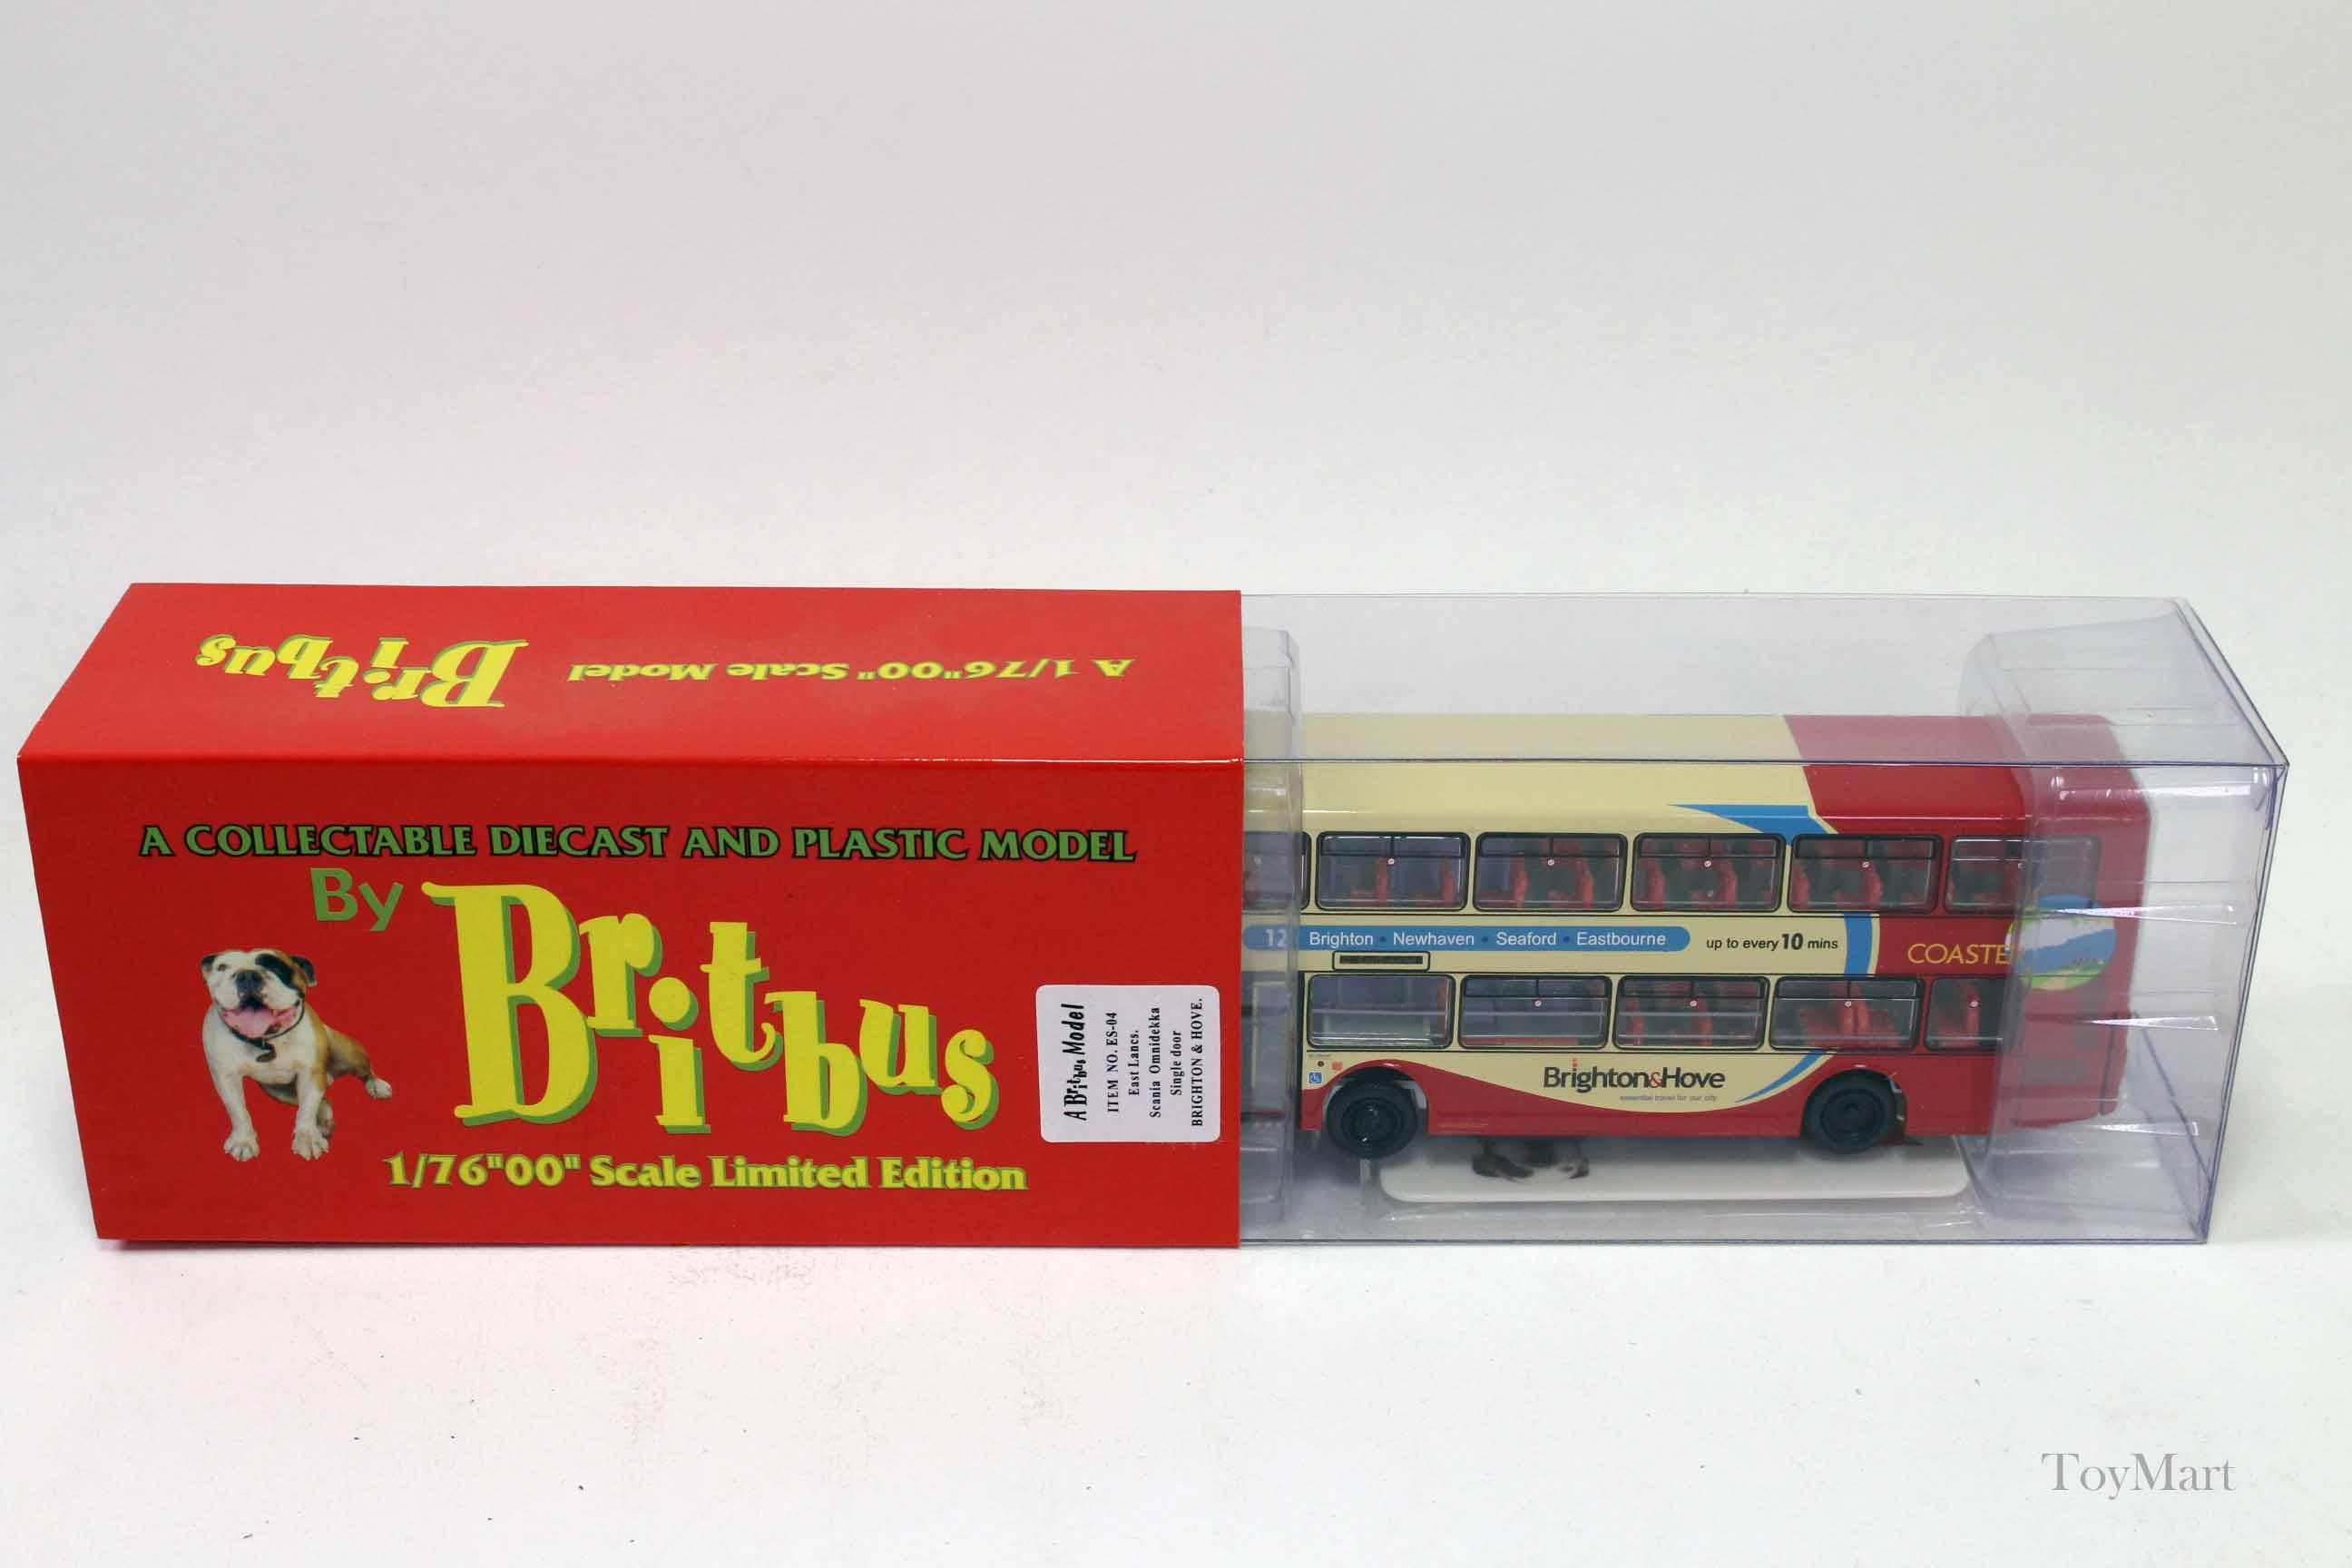 Britbus ES-07 Brighton and Hove Bus